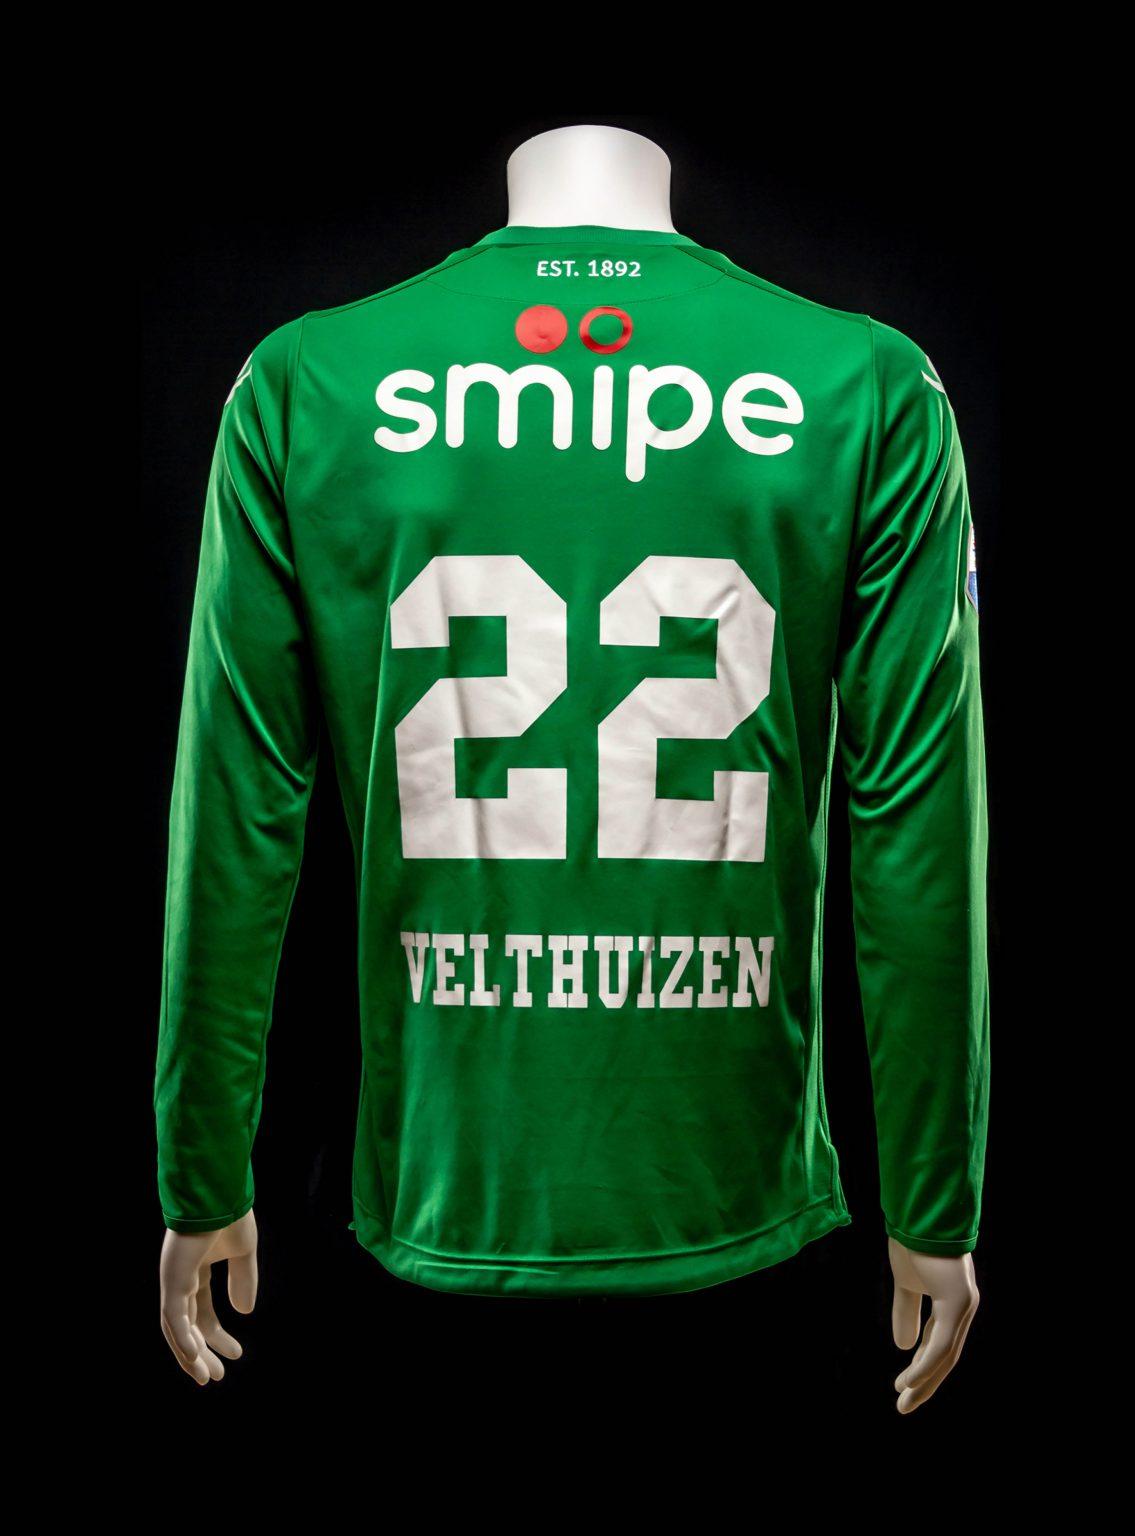 #22 Piet Velthuizen KWF 2015-2016